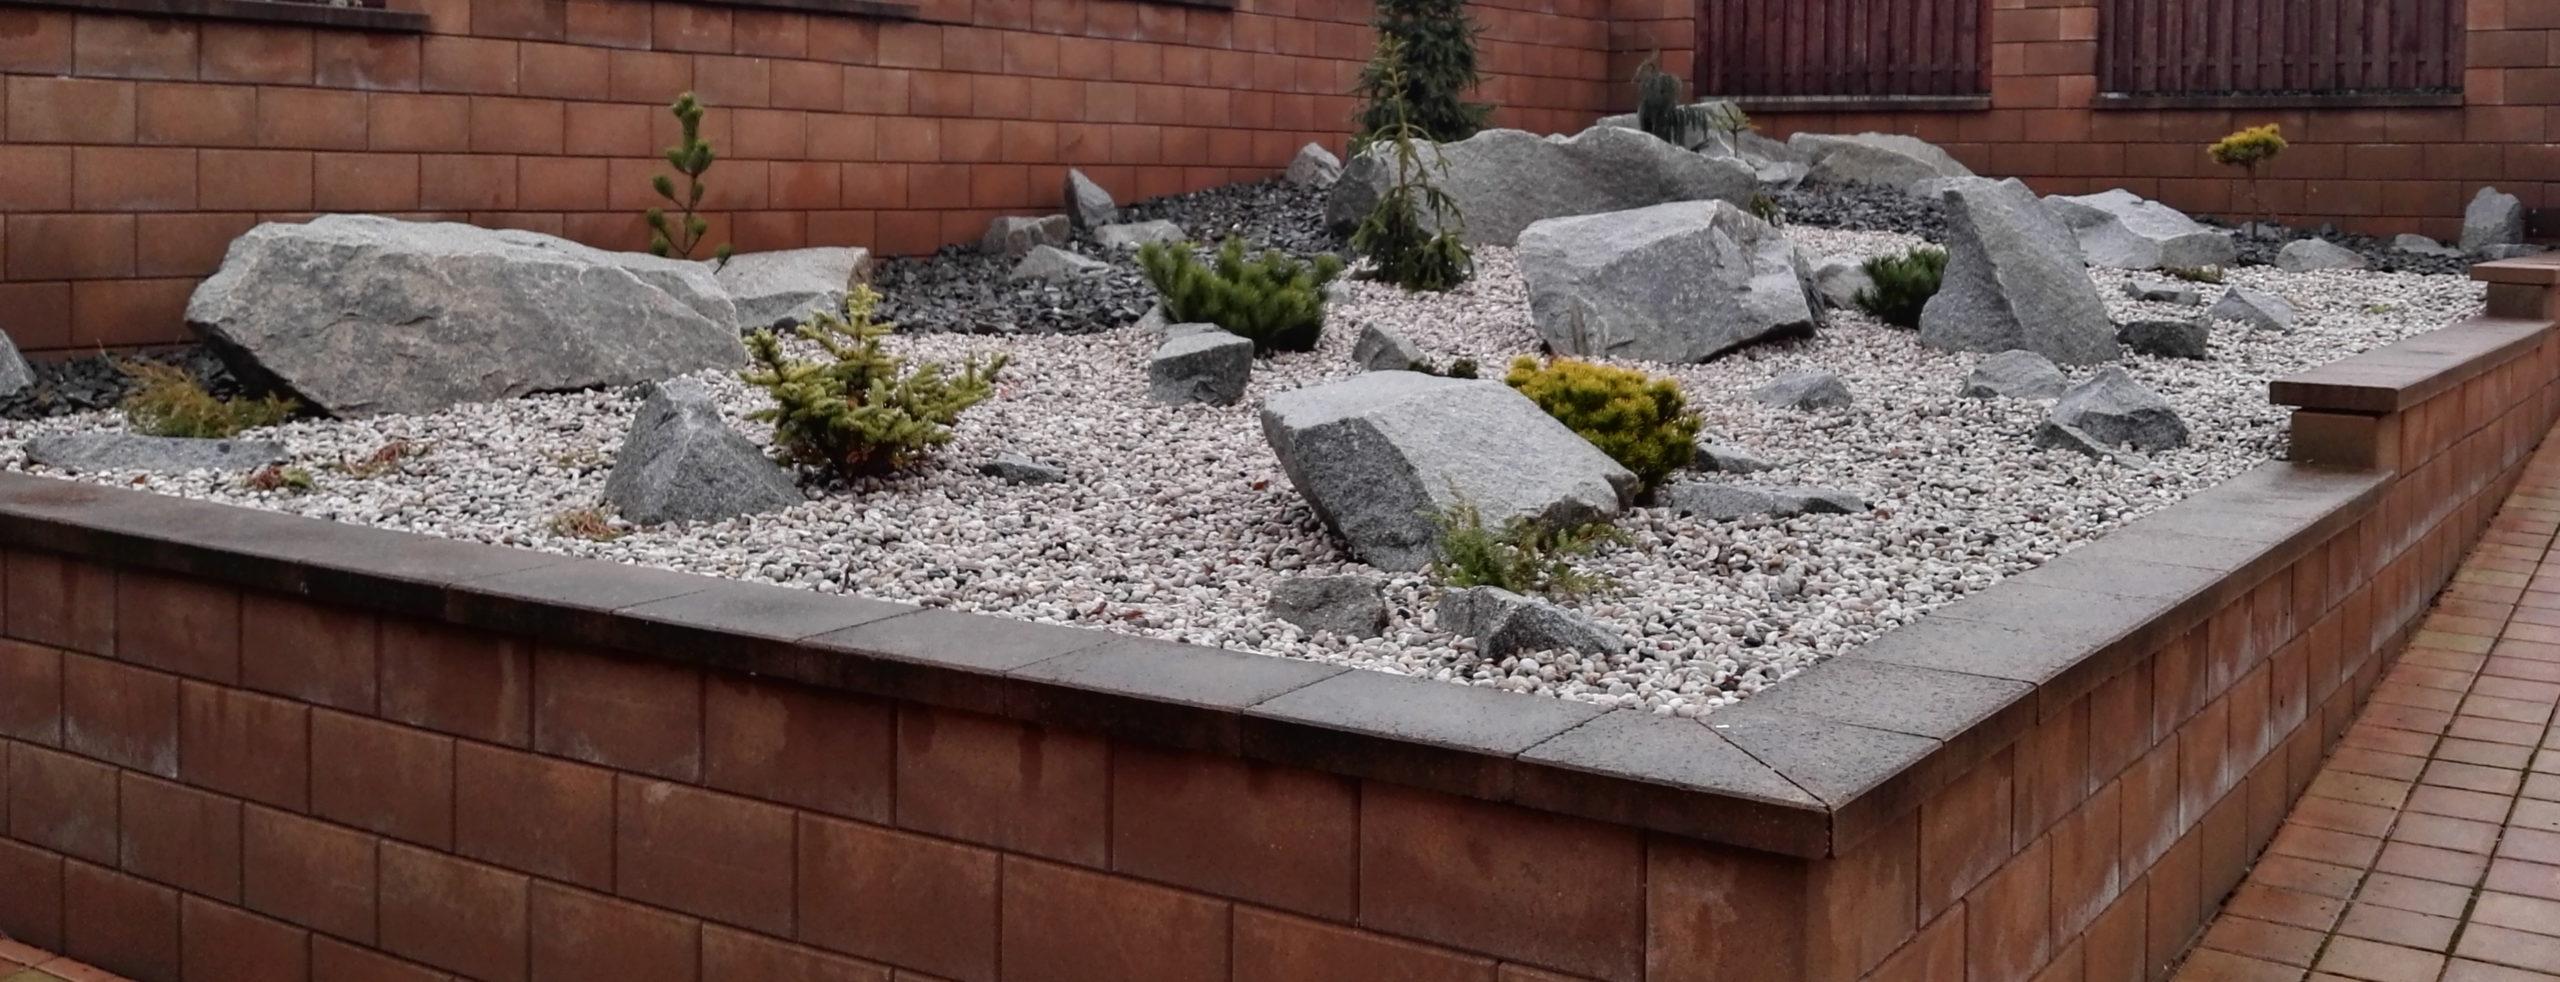 - Zabýváme se projekcí a realizací zahrad, úprav kolem domů, zámkové dlažby, ploty, pergoly a jezírka.